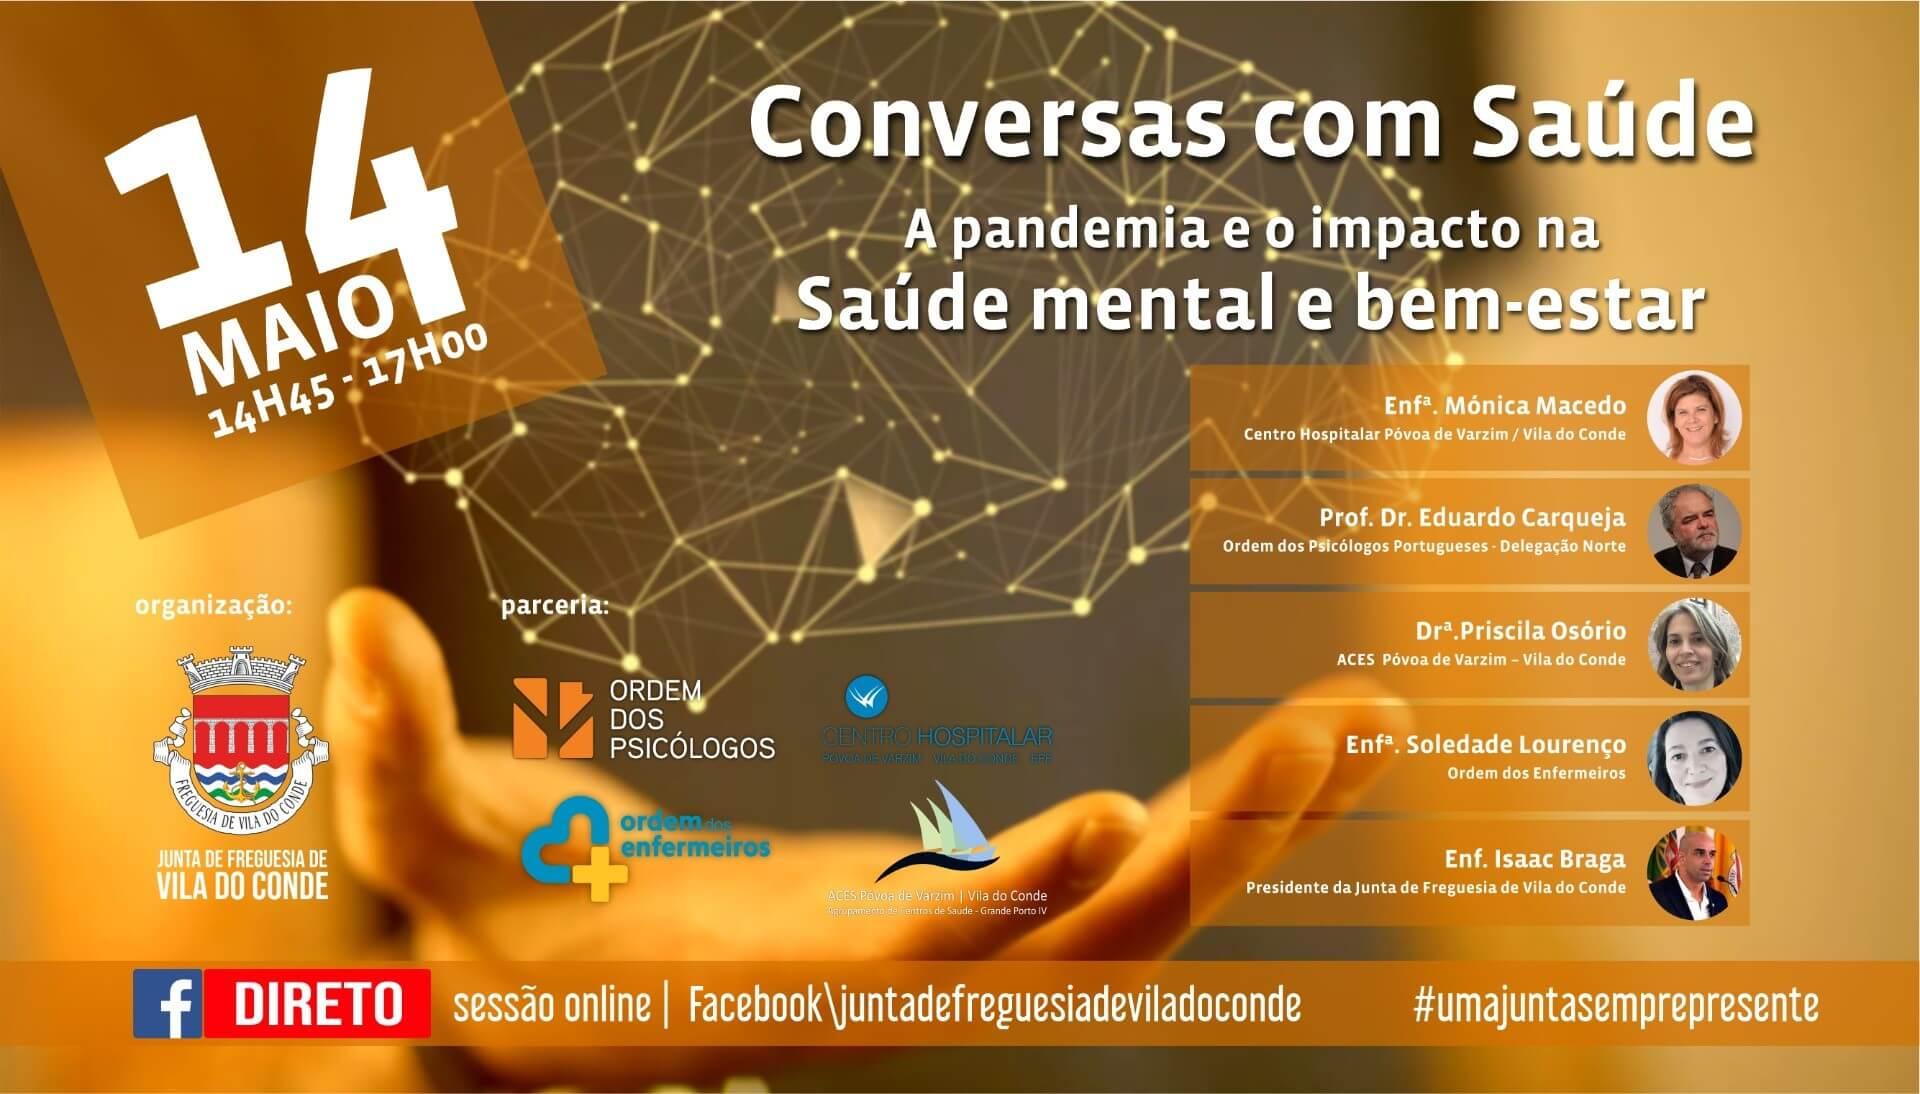 """CONVERSAS COM SAÚDE: """"A pandemia e o impacto na saúde mental e bem-estar"""""""